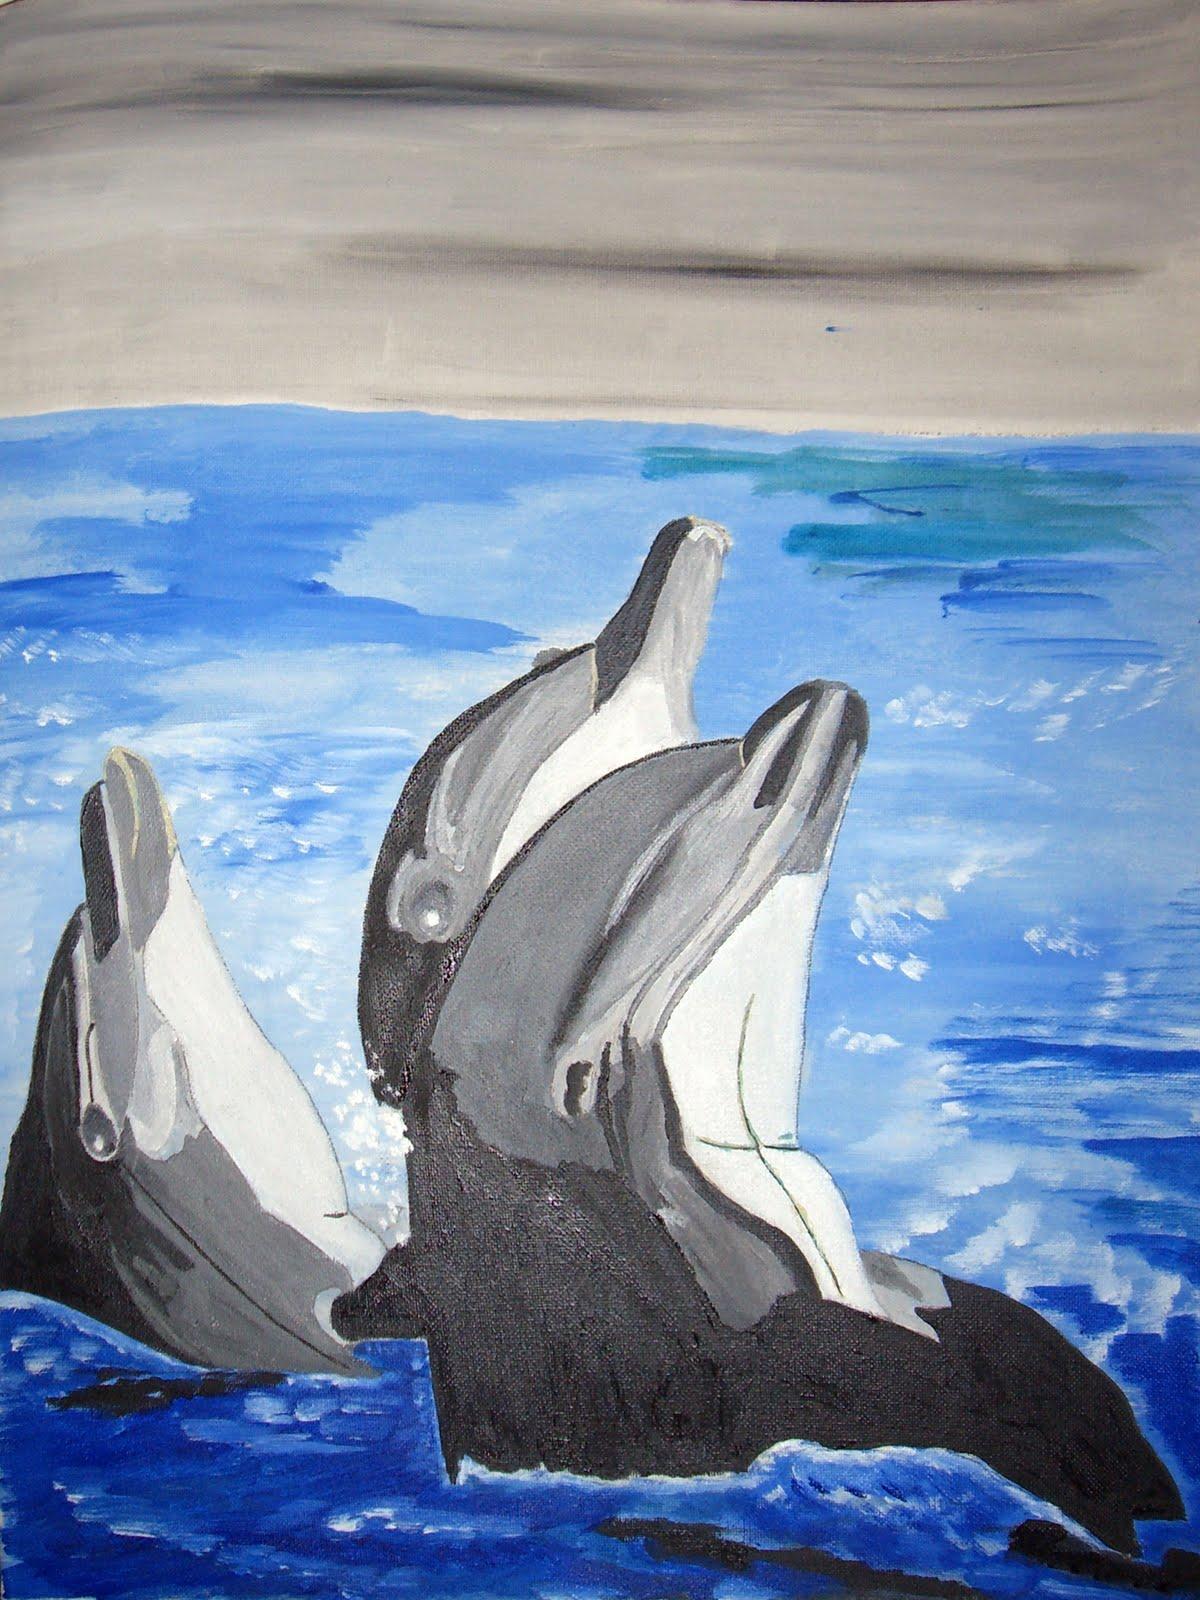 CUADROS DE JUAN: Delfines, 2010